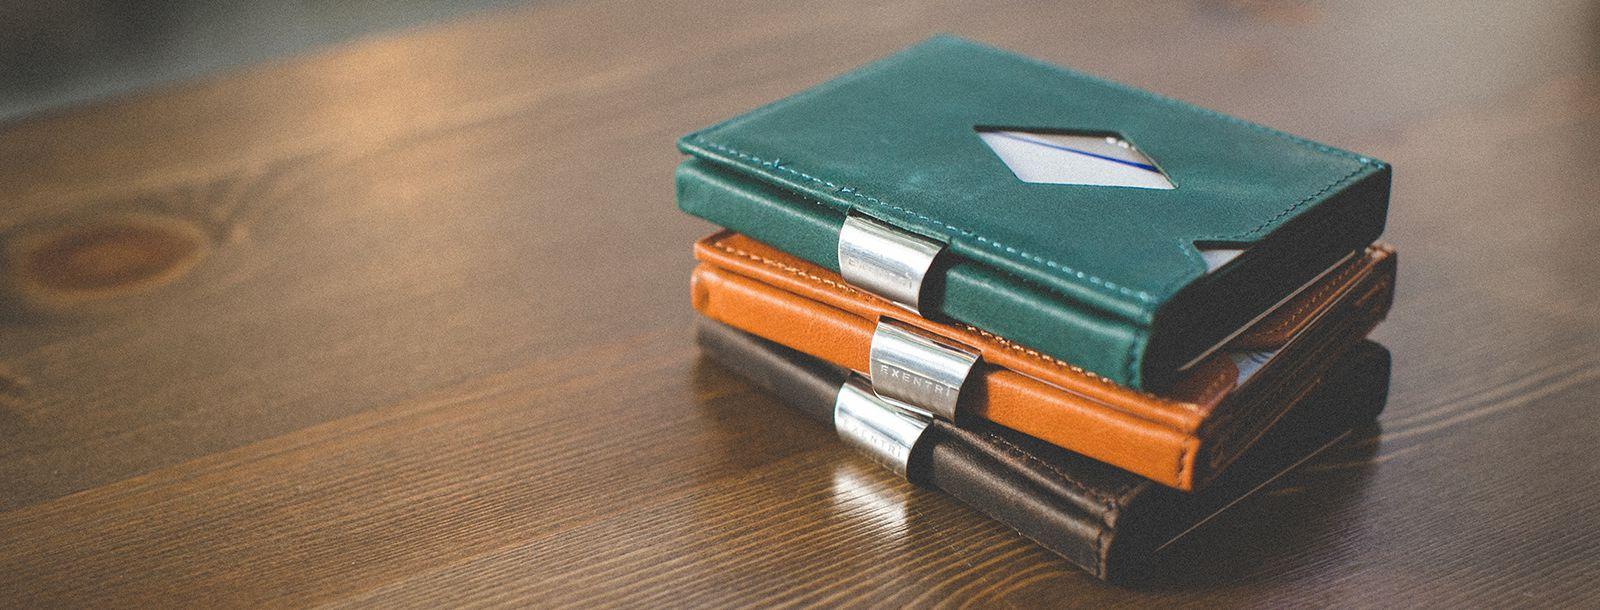 三つ折りミニ財布をお求めでしたら当サイトをご利用ください